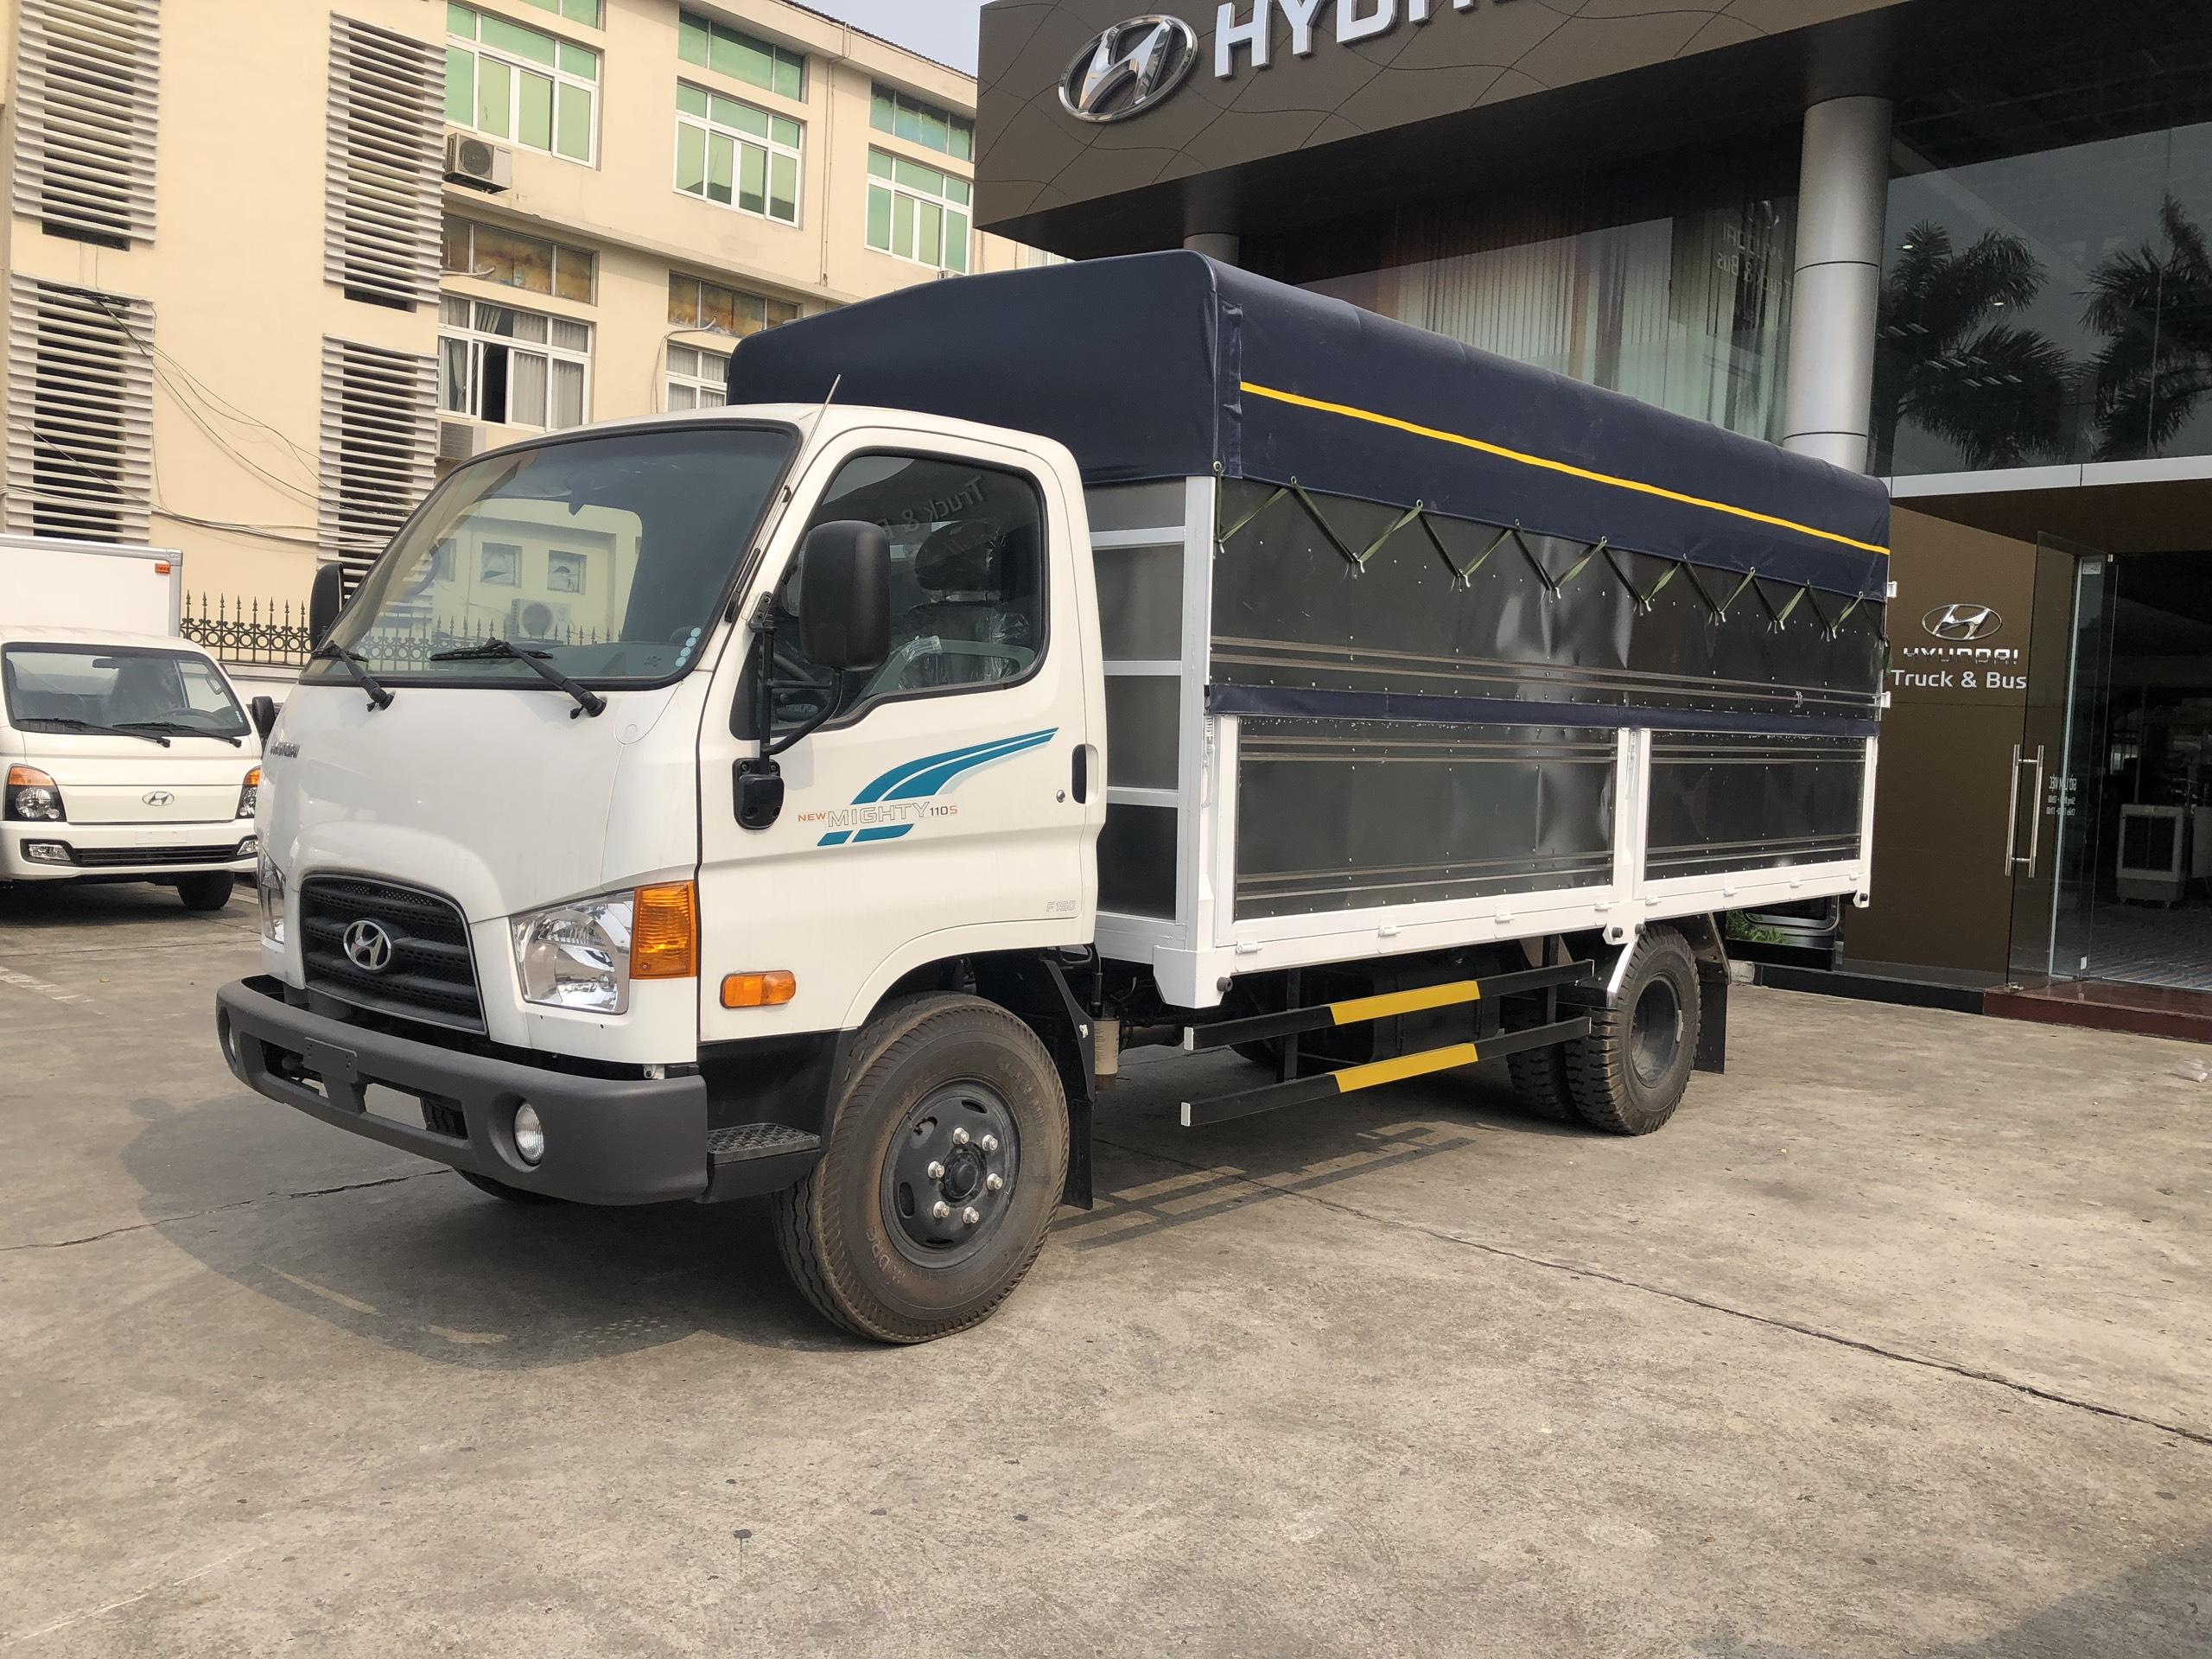 Xe tải Hyundai 110S - 110SP 7 tấn thùng dài 5m - 2020